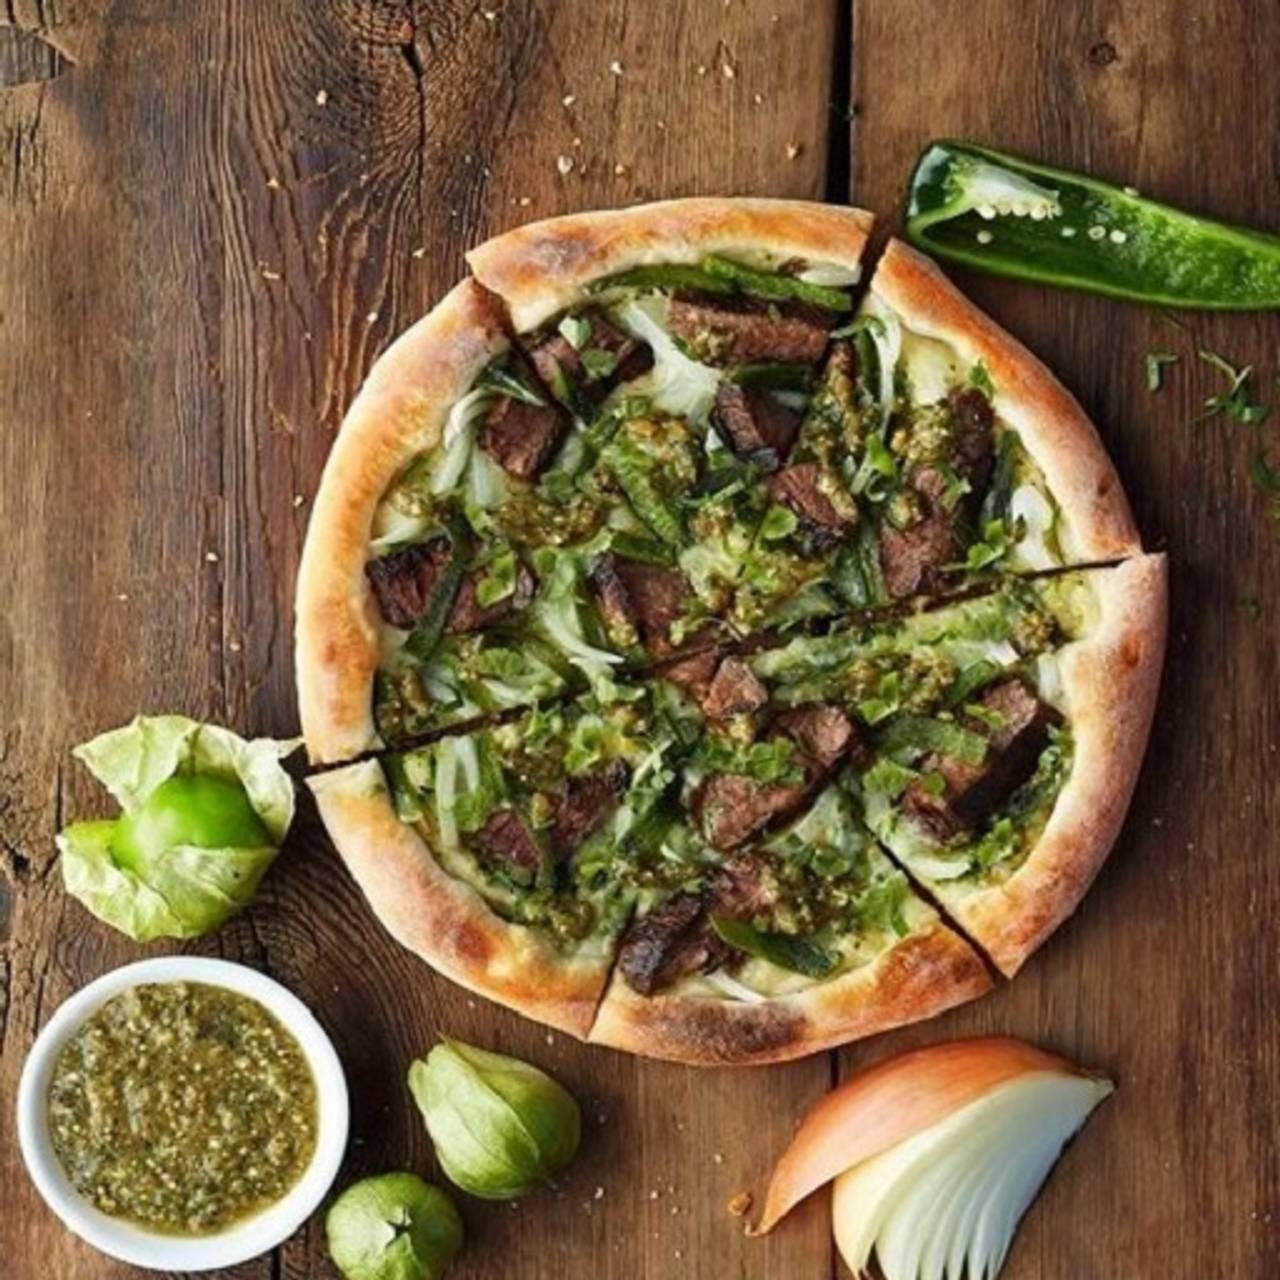 california pizza kitchen profile photo california pizza kitchen post oak priority seating - California Pizza Kitchen Houston